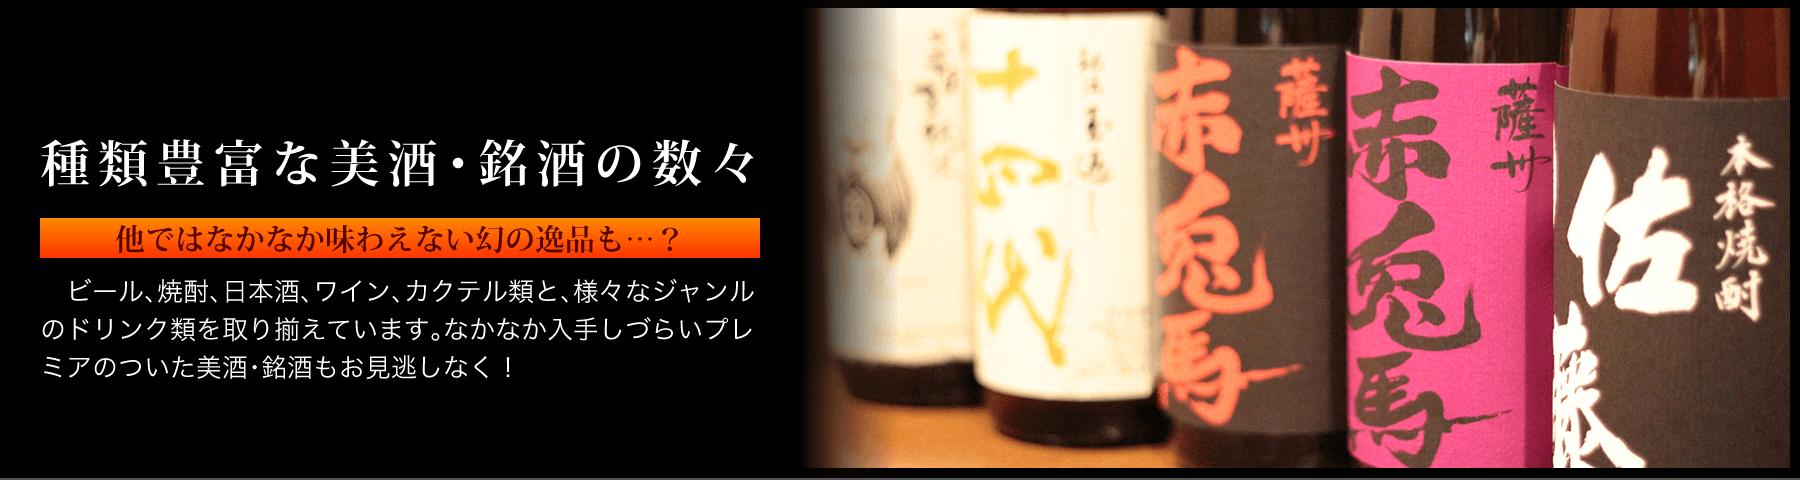 種類豊富な美酒・銘酒の数々